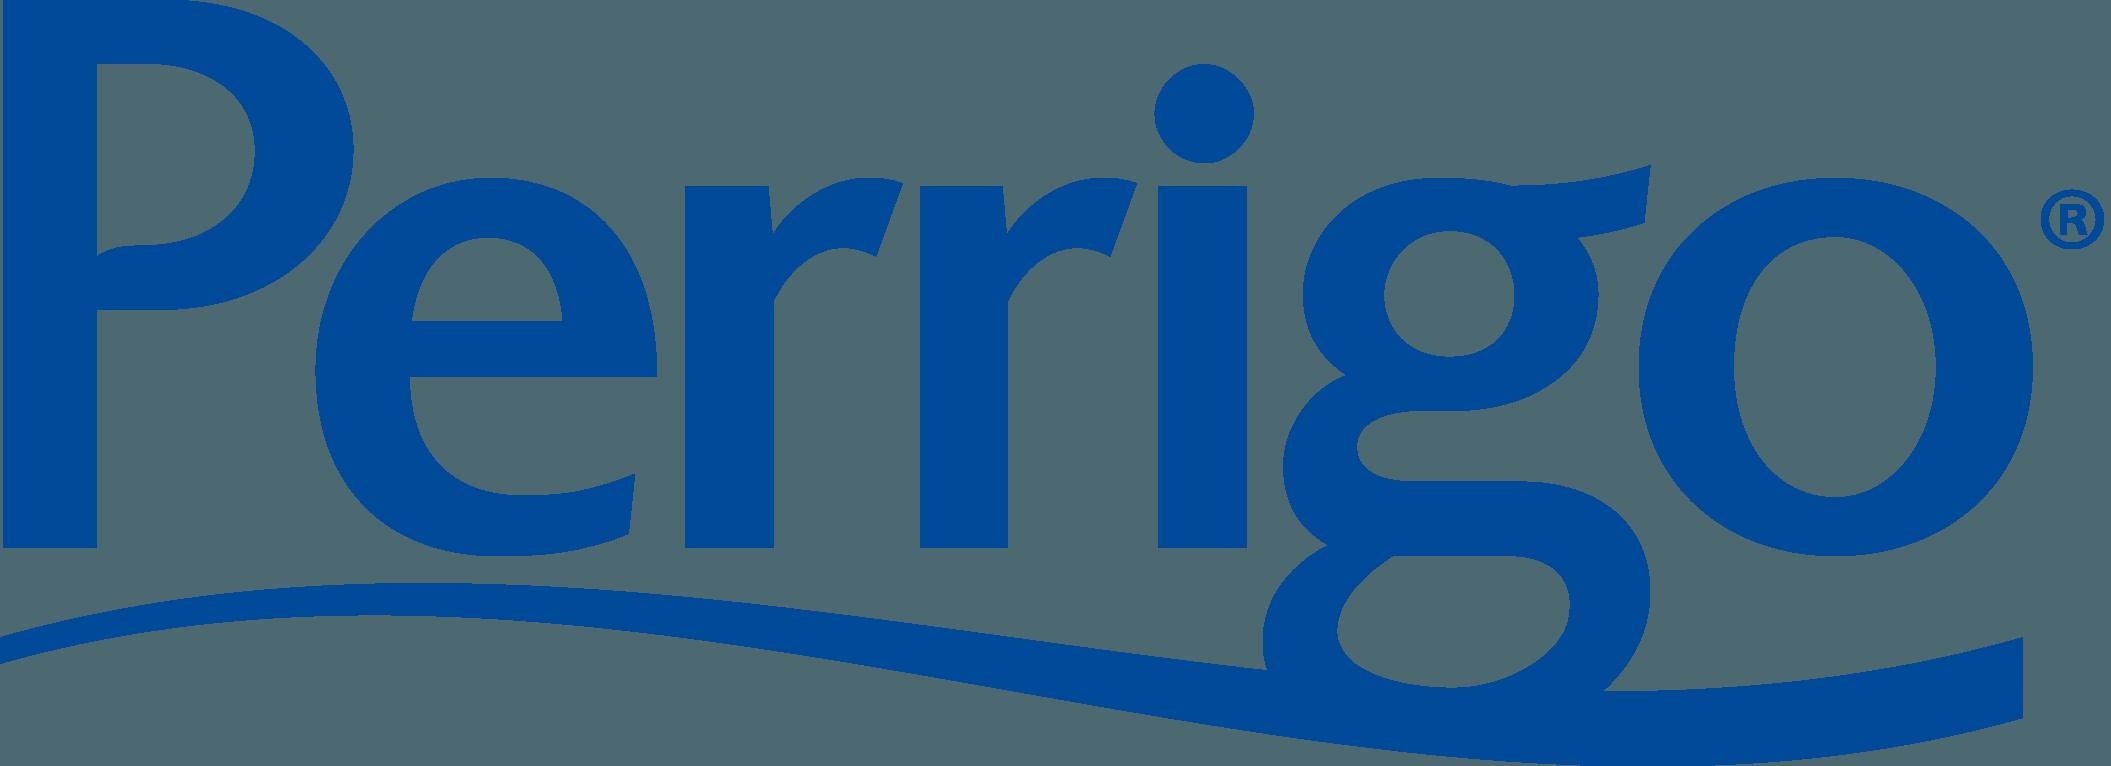 Perrigo Logo png